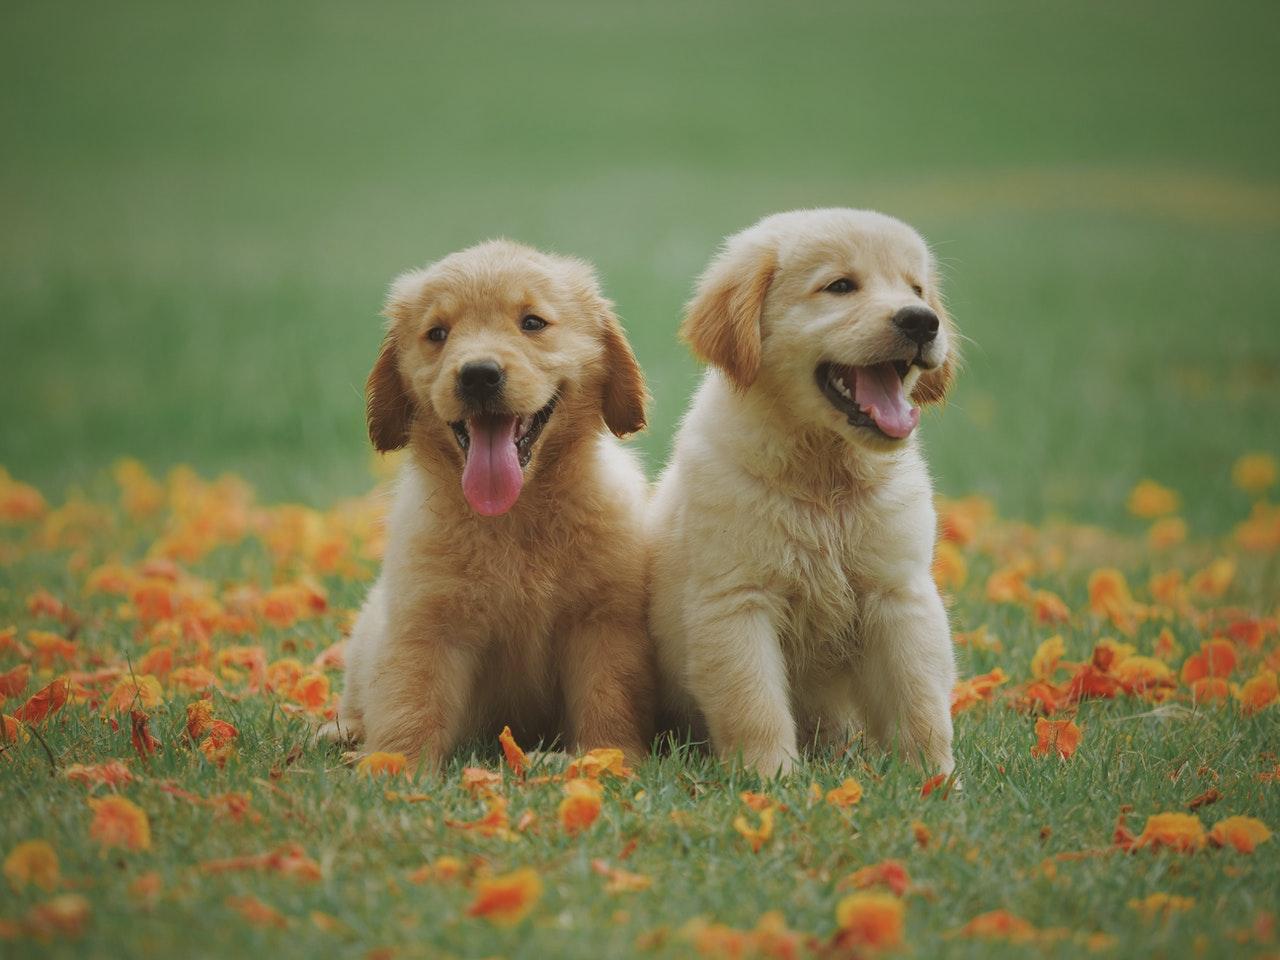 to hundehvalpe på en blomstermark